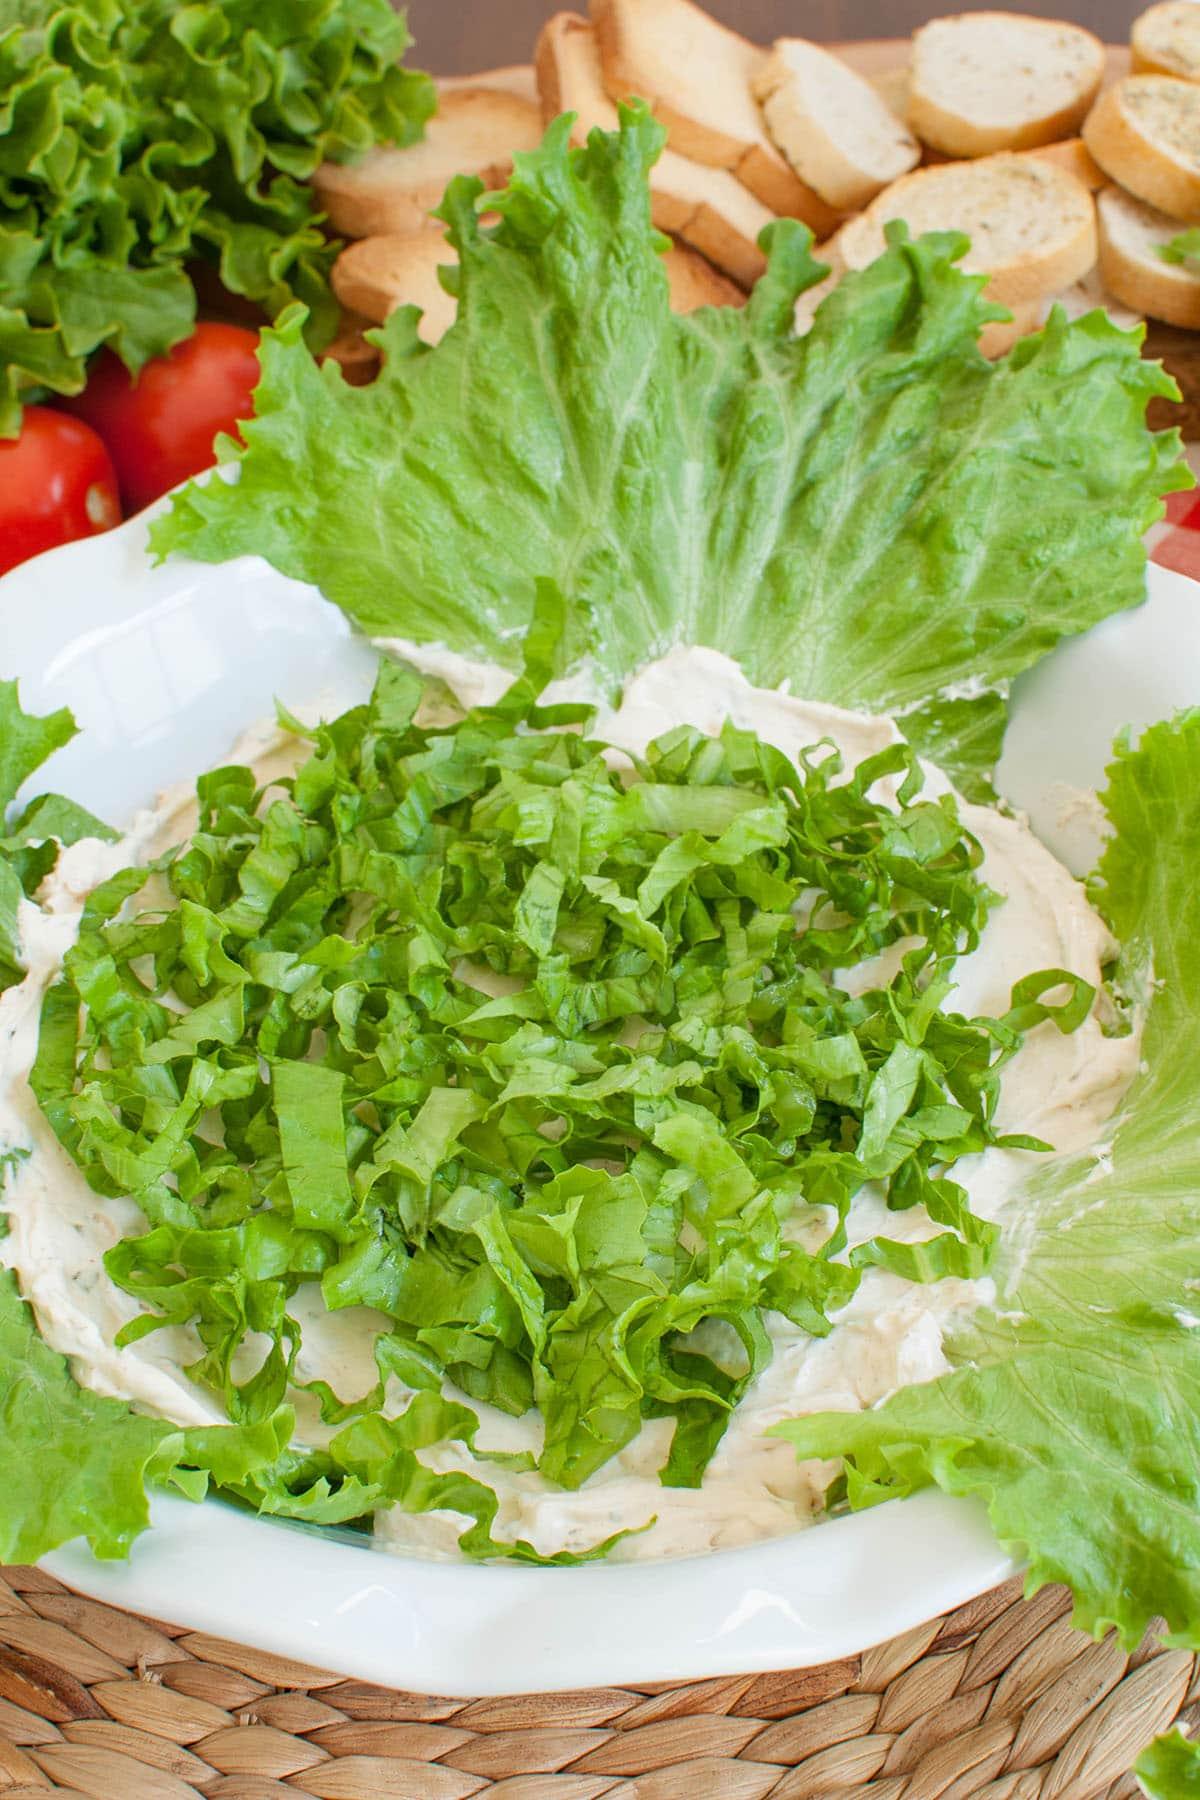 shredded lettuce added to dish